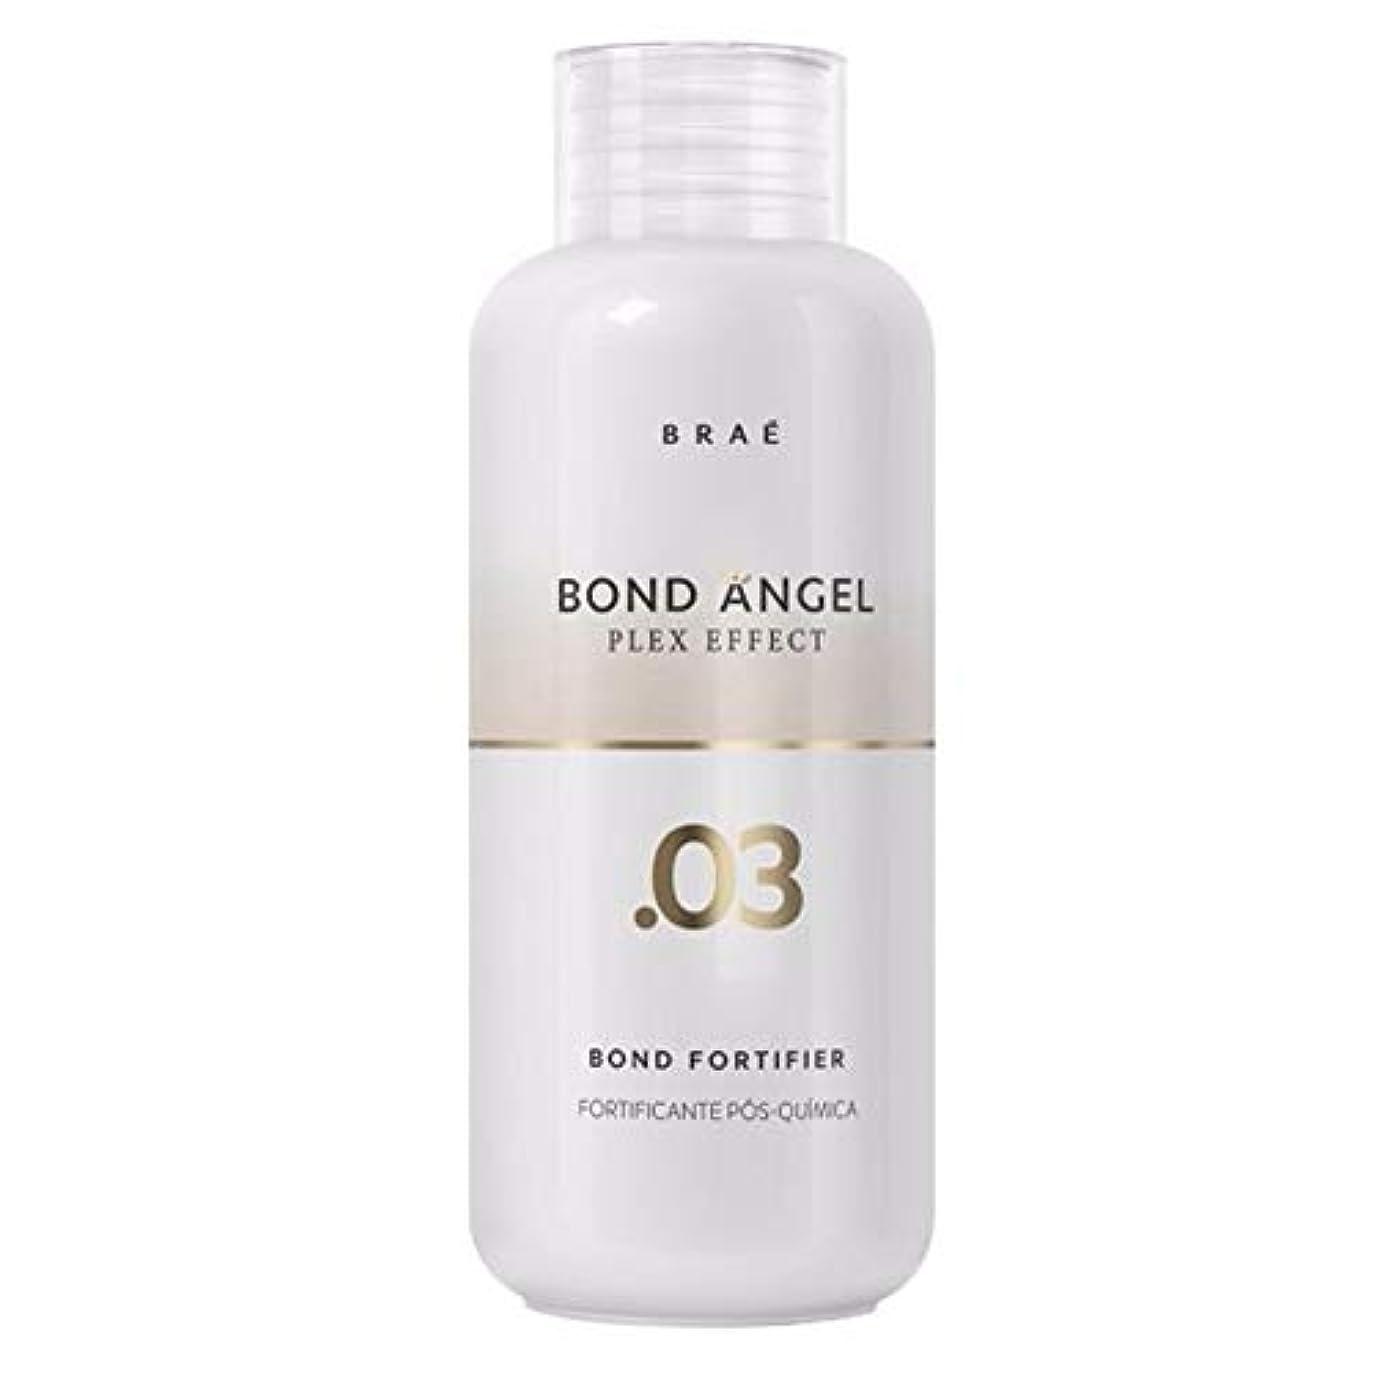 神経複雑な五ボンドエンジェル - ボンドフォーティファイヤー3.38 fl.ozホームケアトリートメント - ヘアボンドの回復プロセスをシールする - 毛髪に最高の美容、光沢、保全性を保証